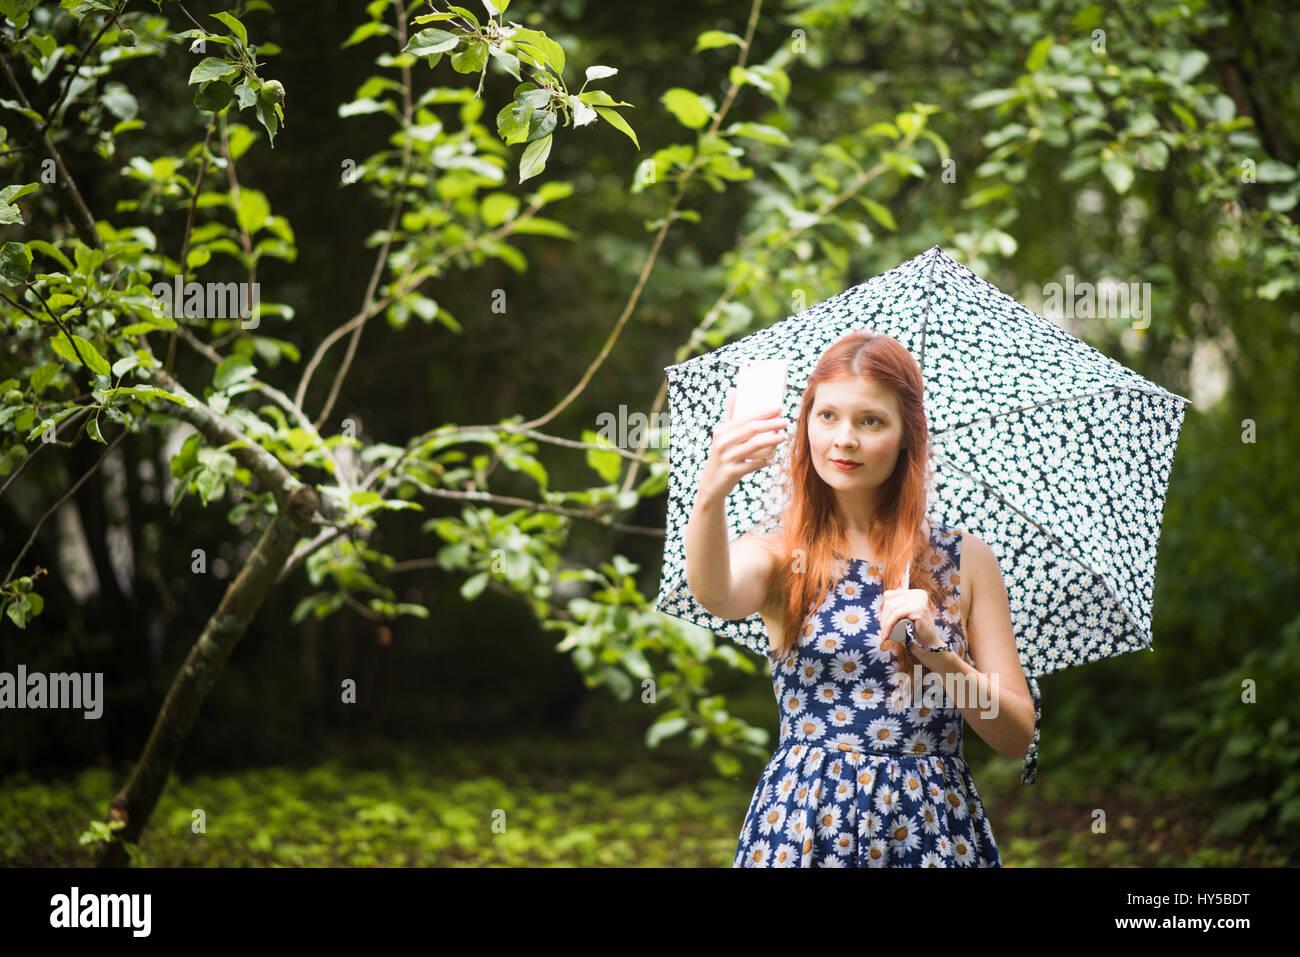 La Finlande, Pirkanmaa, Tampere, femme portant robe floral avec parapluie permanent en park et en tenant selfies Banque D'Images